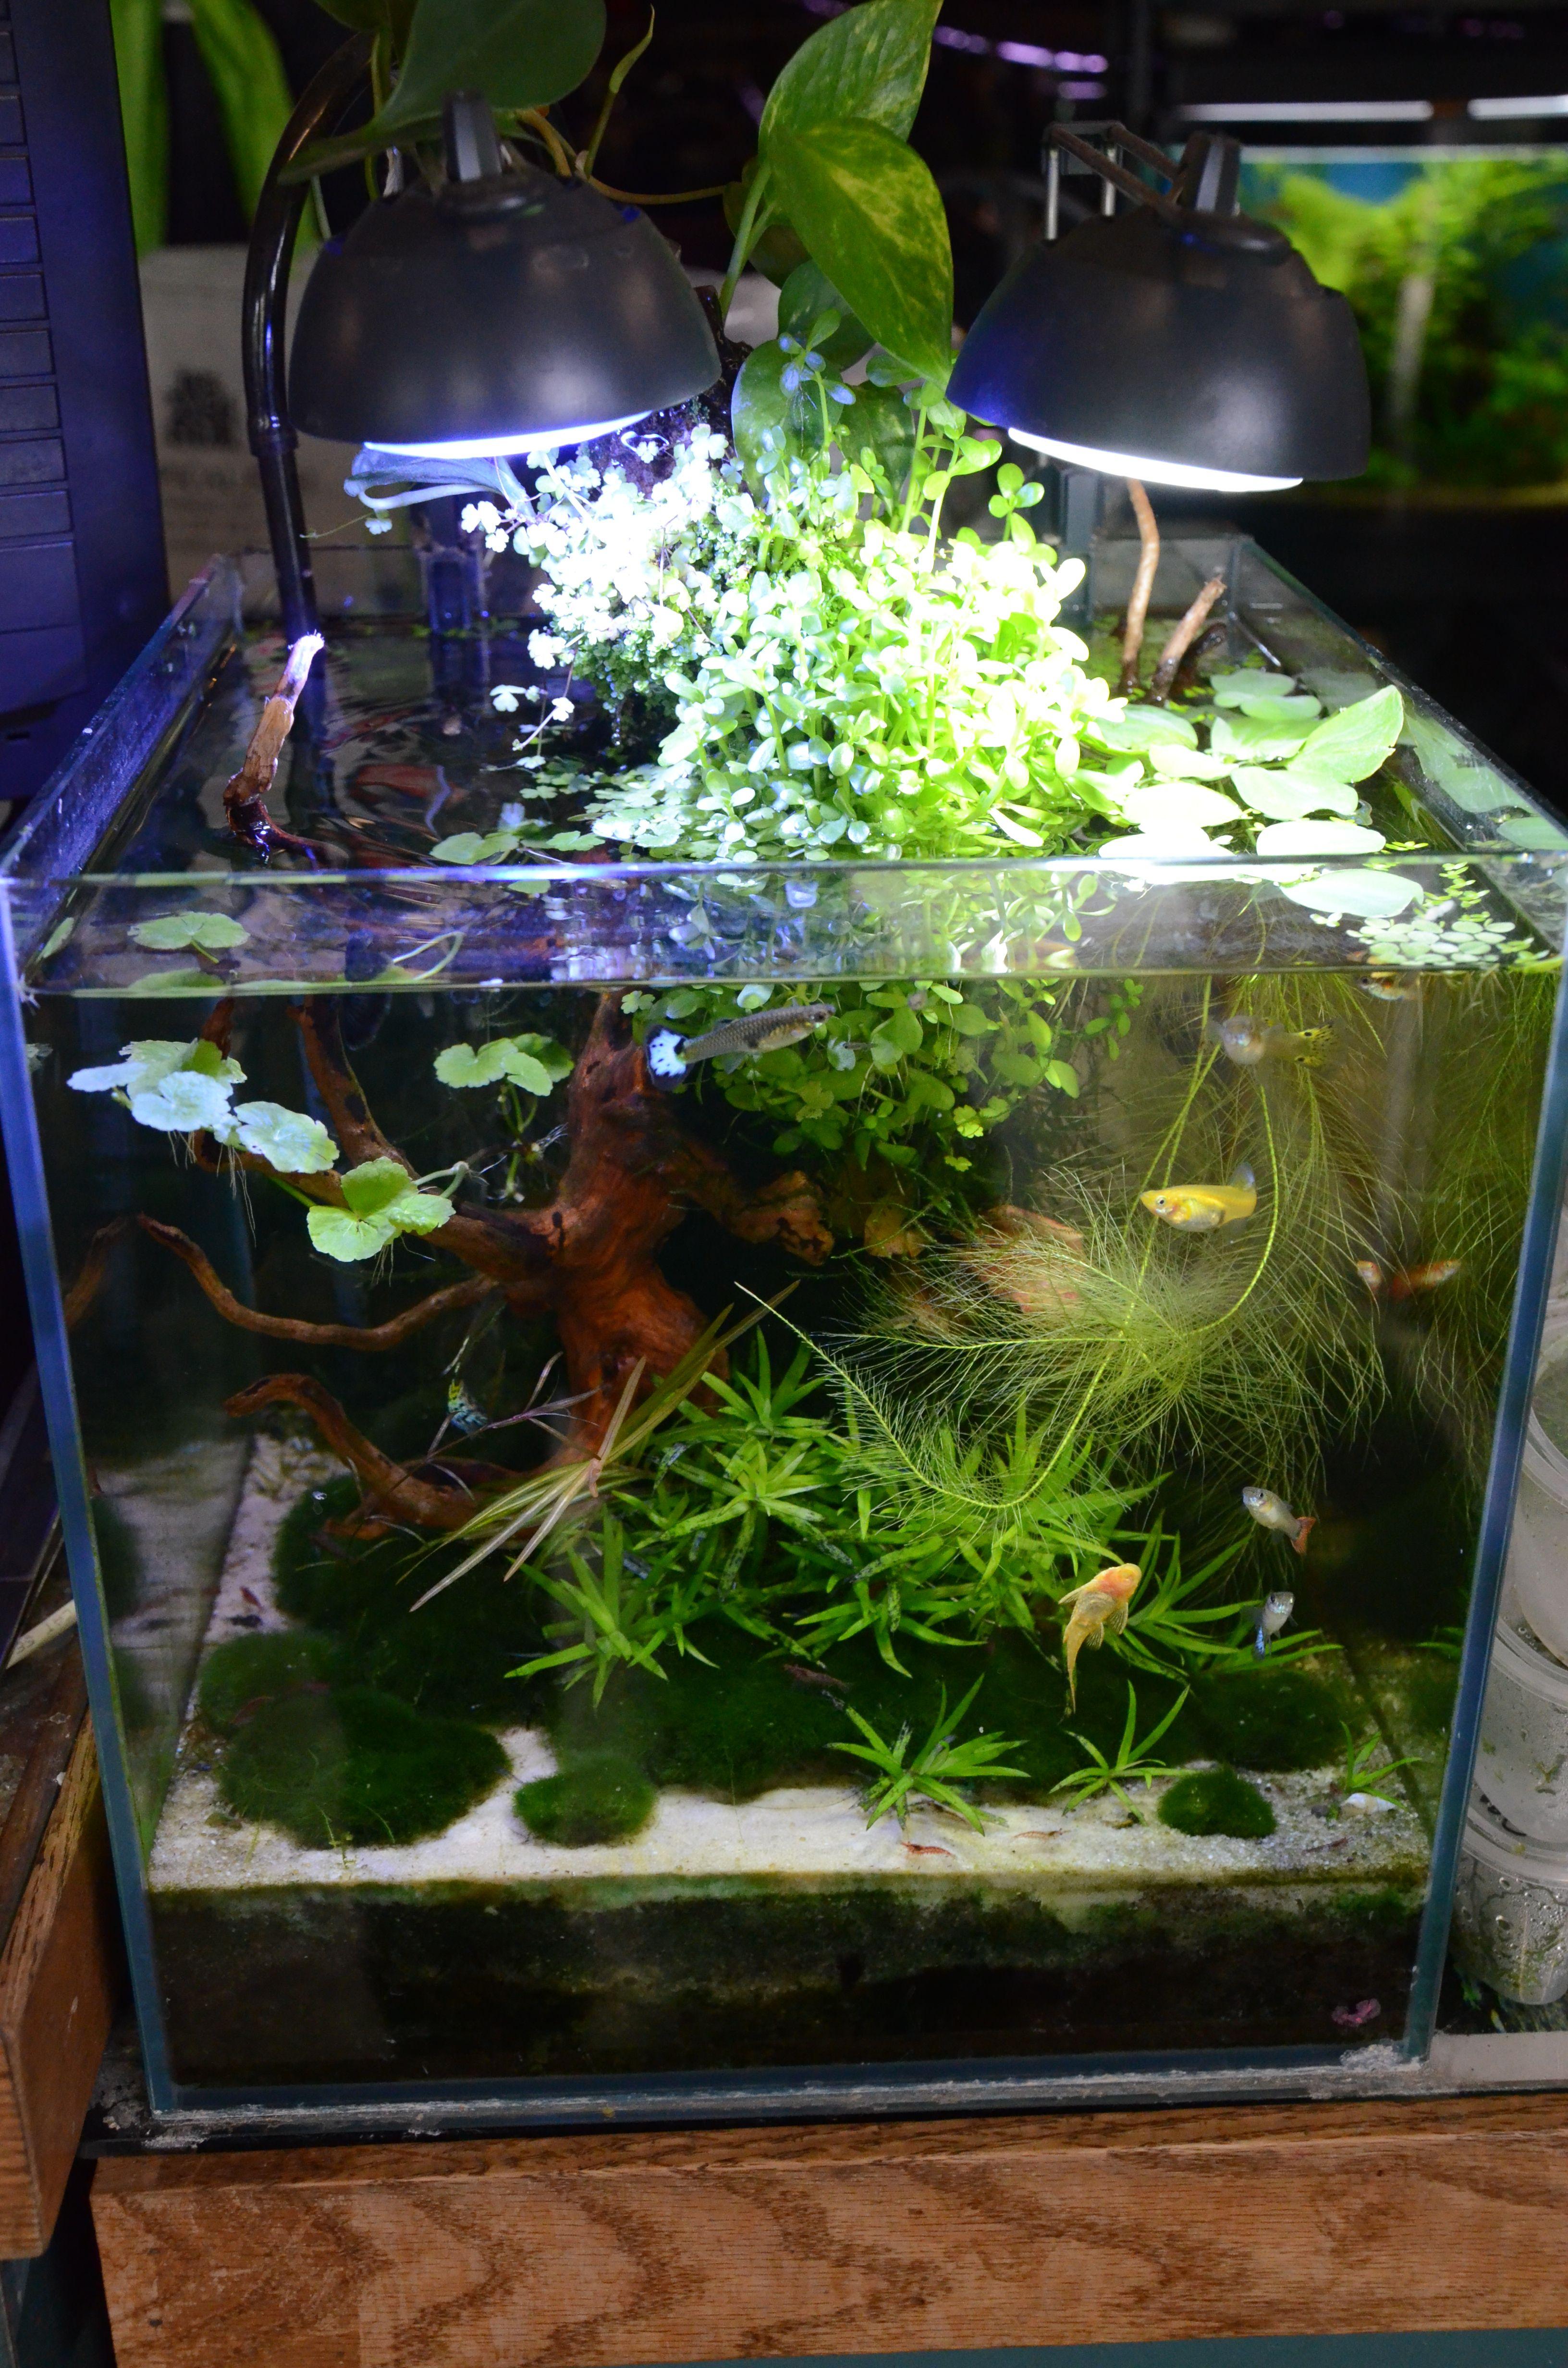 Fish Aquarium Rates In Delhi - Nano tanks are fantastic